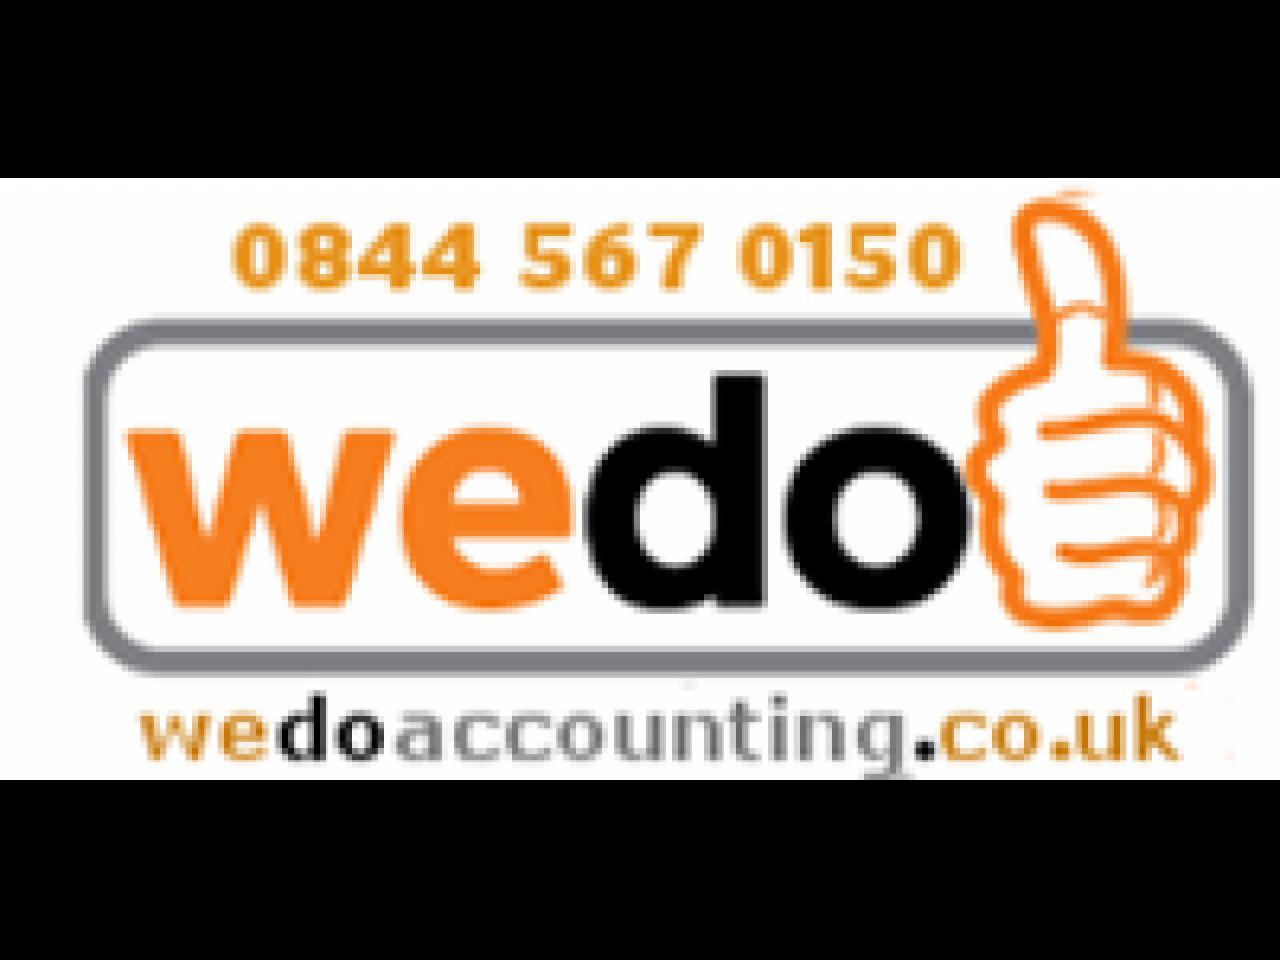 Регистрация Ltd и другие бухгалтерские услуги - 1